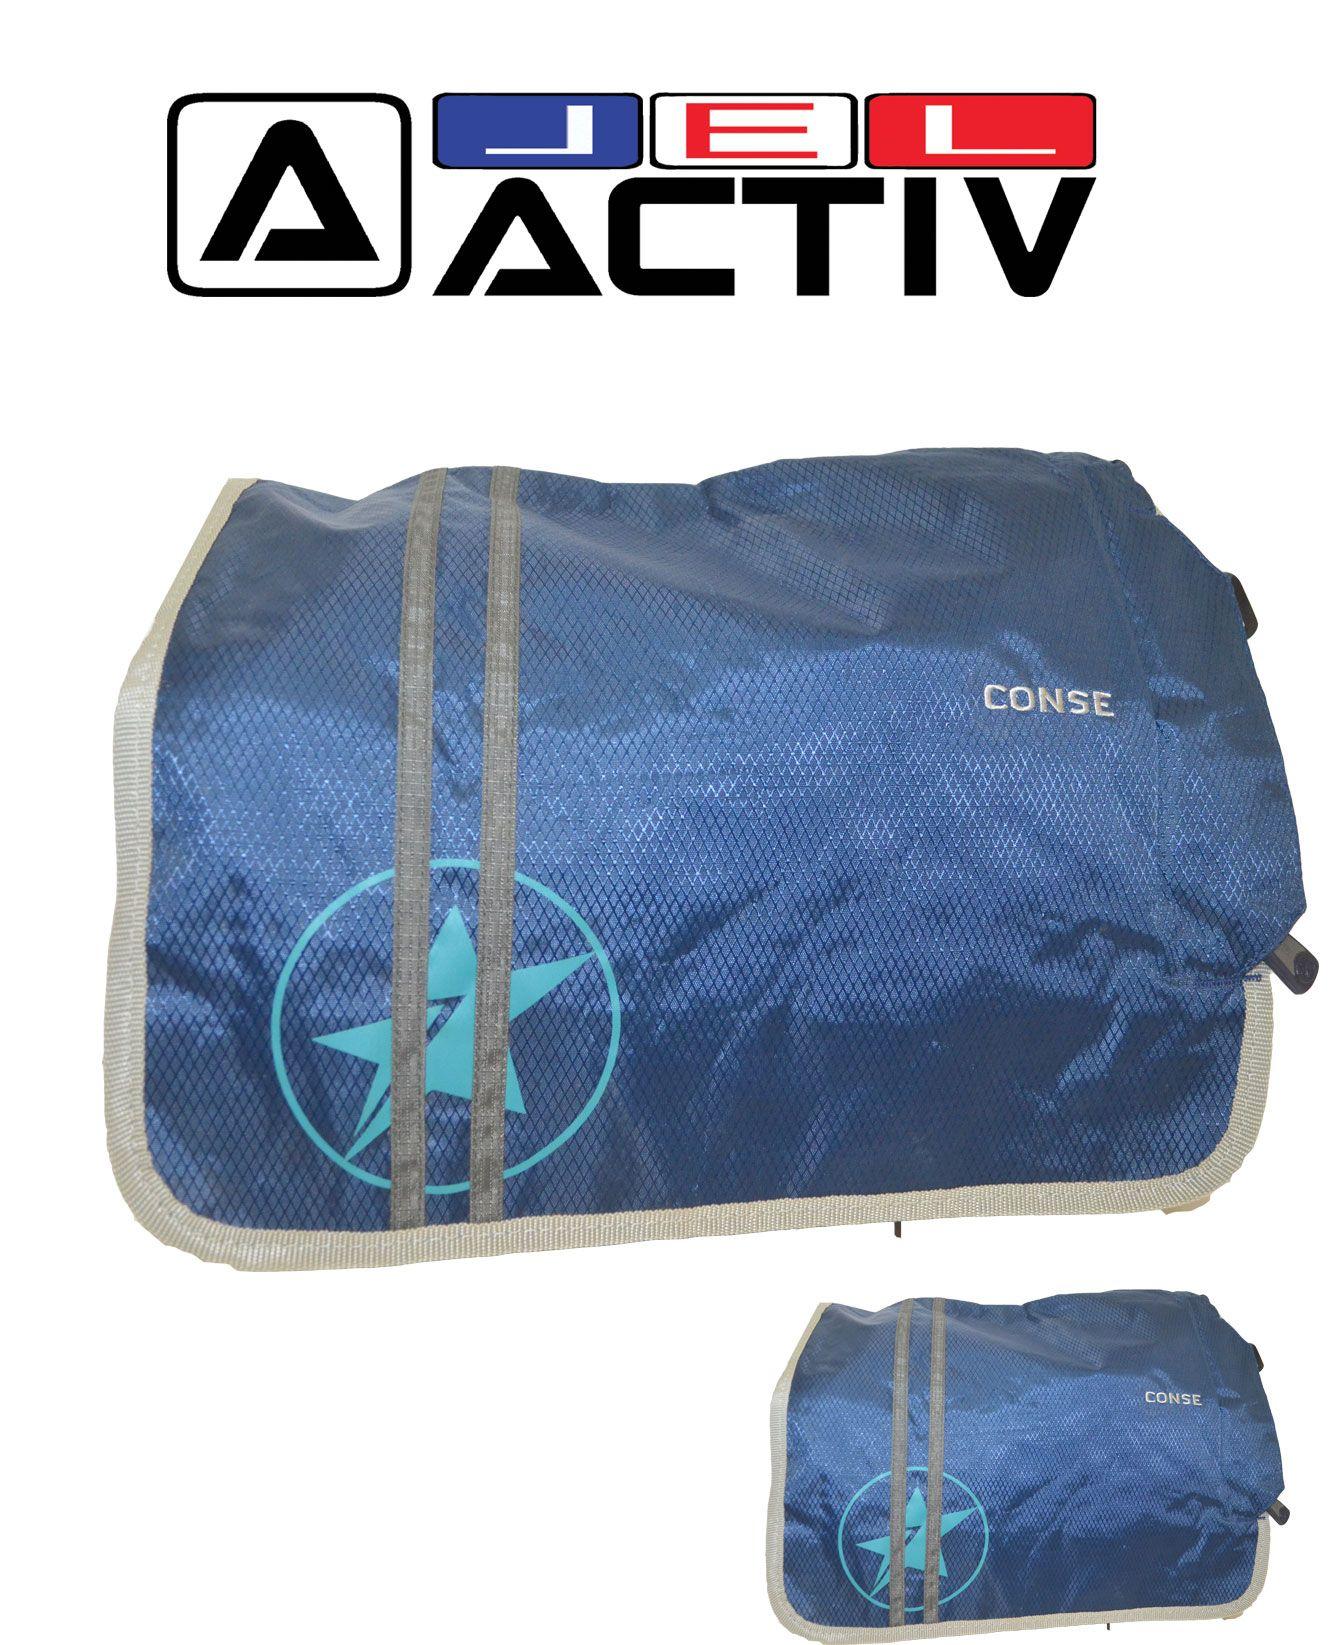 تخفيض كبير على موديلات الشنط من اكتف فى جميع الفروع السعر 50 بدلا من 100 جنيه Gym Bag Duffle Bag Bags